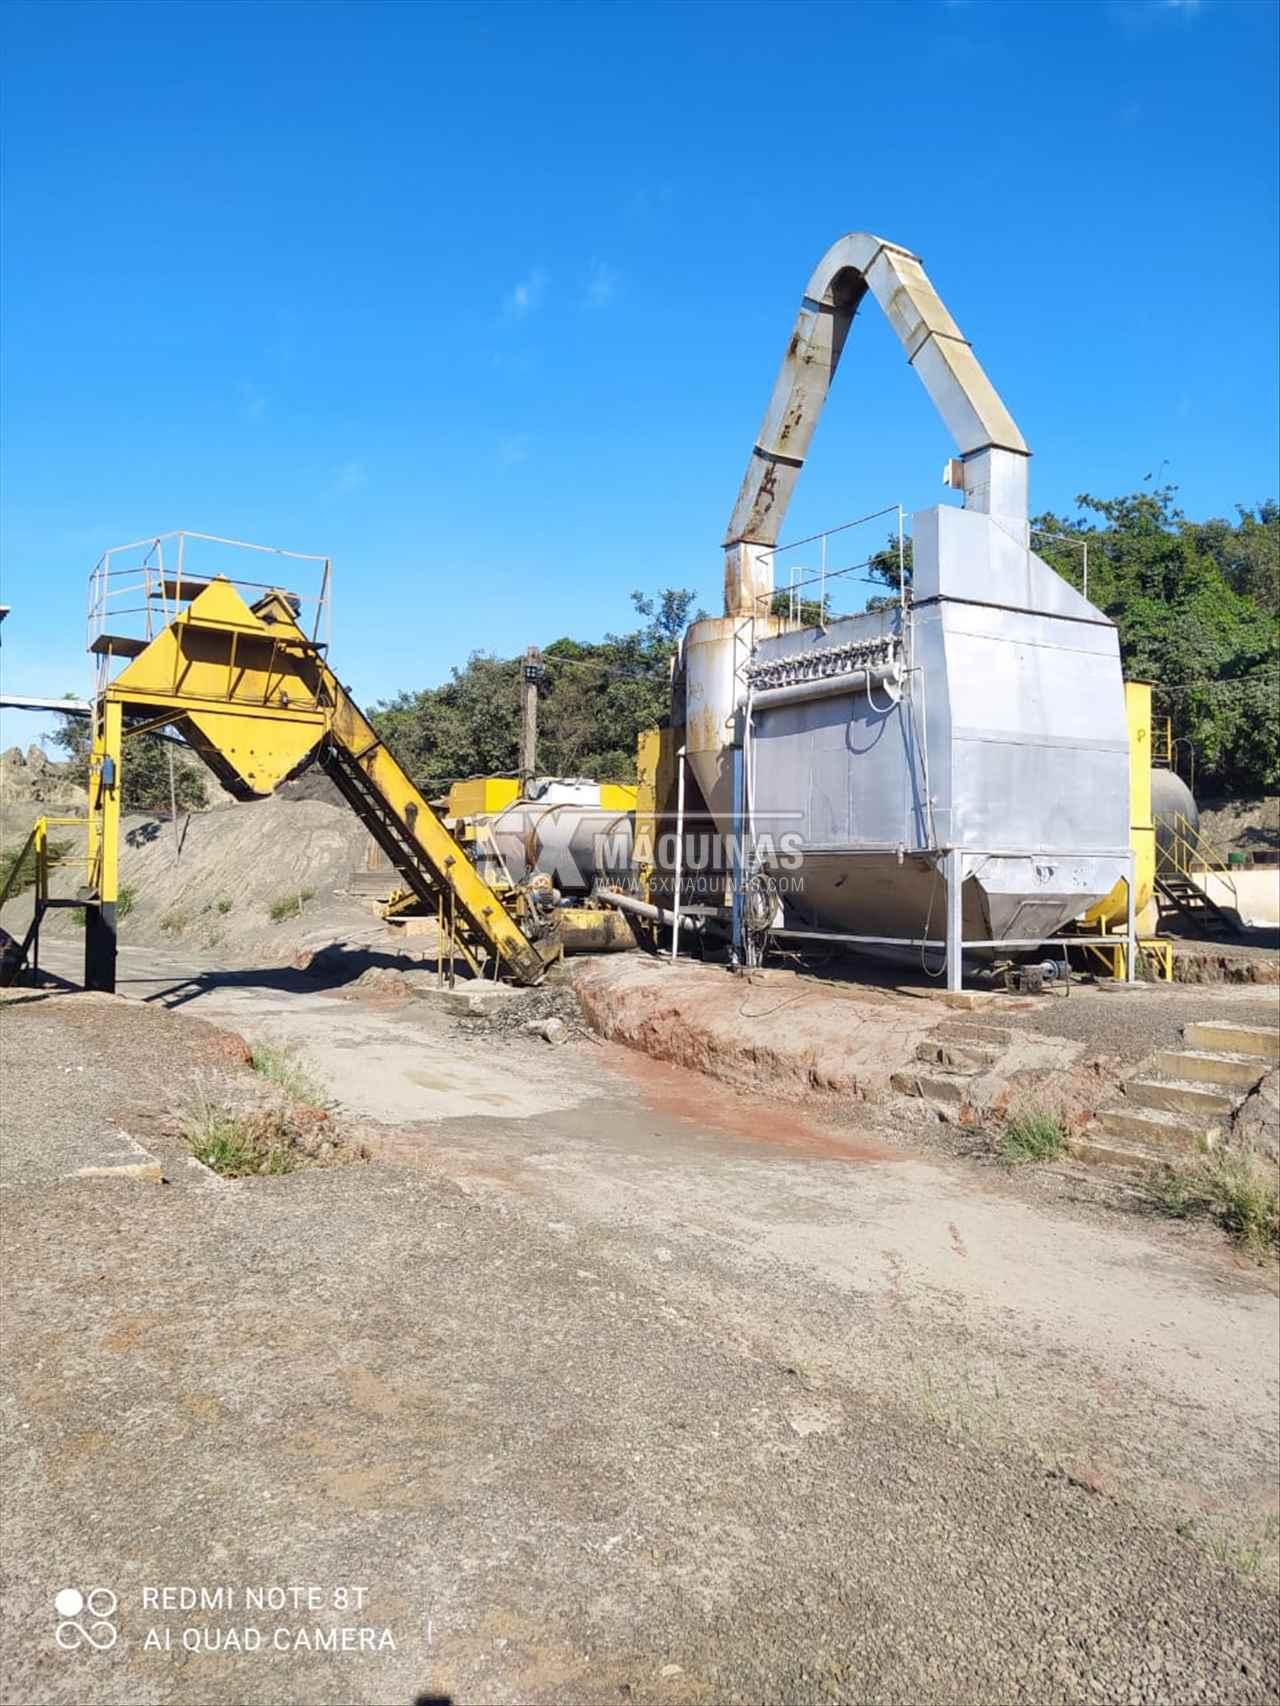 EQUIPAMENTOS CONSTRUÇÃO USINA ASFALTO 5X Máquinas  CAMPO GRANDE MATO GROSSO DO SUL MS